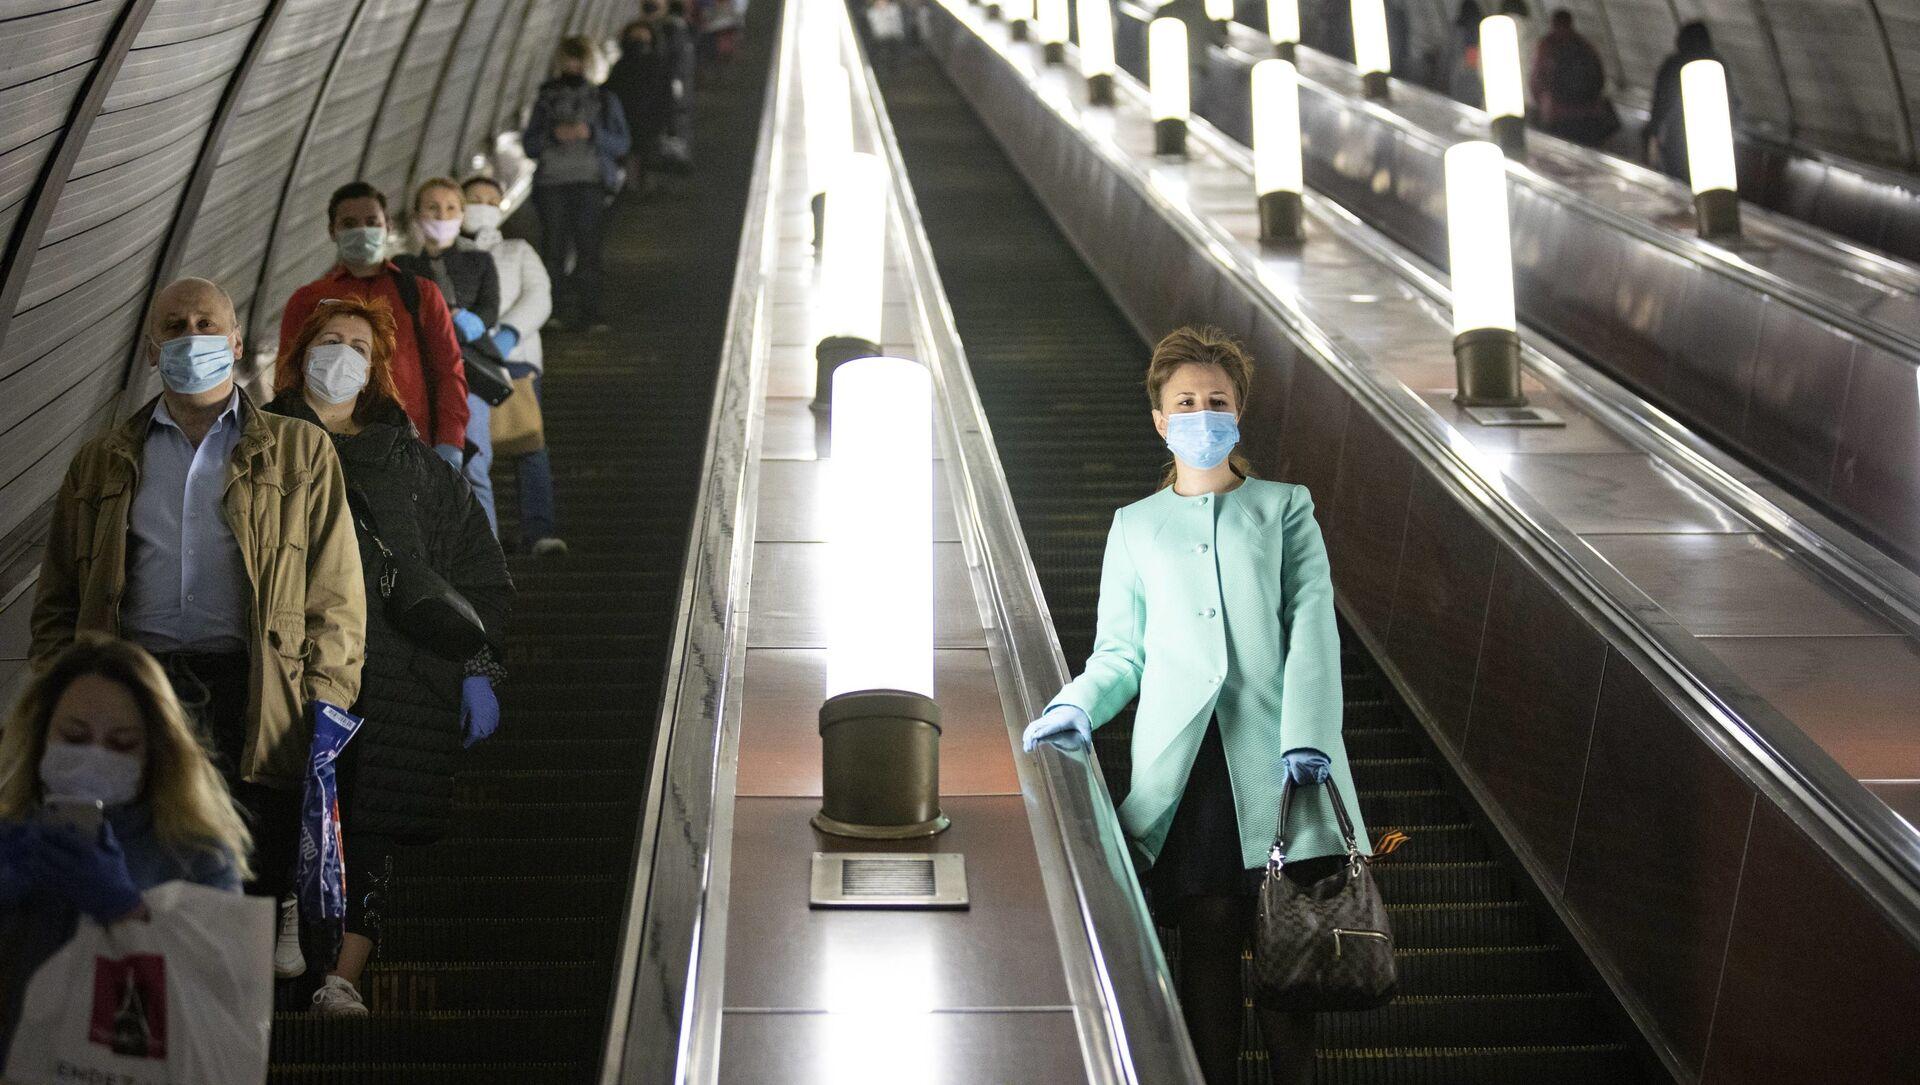 Люди в защитных масках в метро - Sputnik Грузия, 1920, 10.02.2021